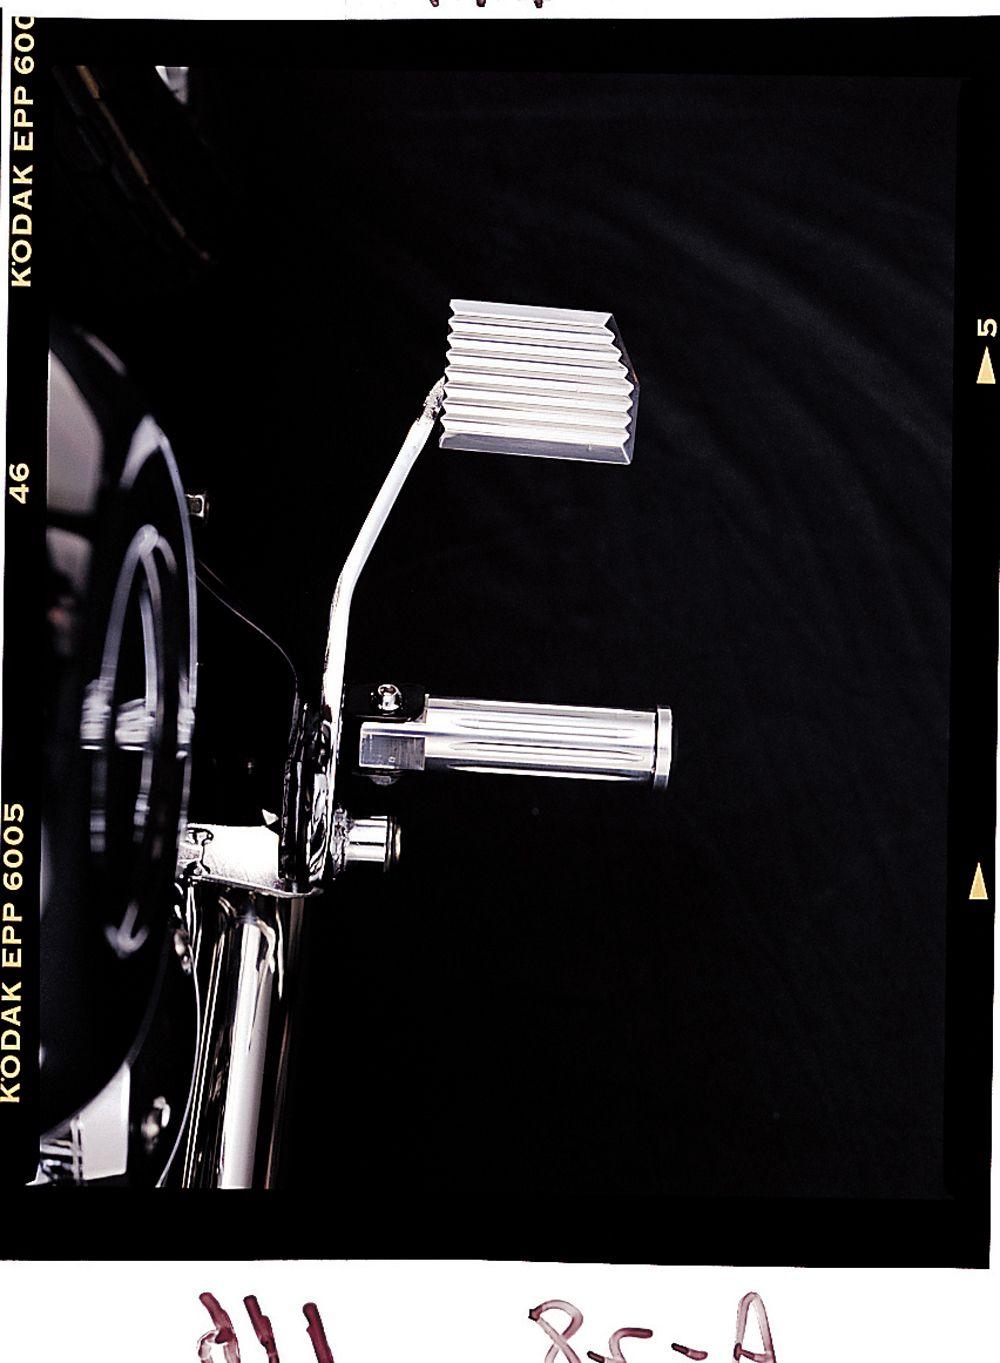 【HURRICANE】前 腳踏 切削加工 - 「Webike-摩托百貨」